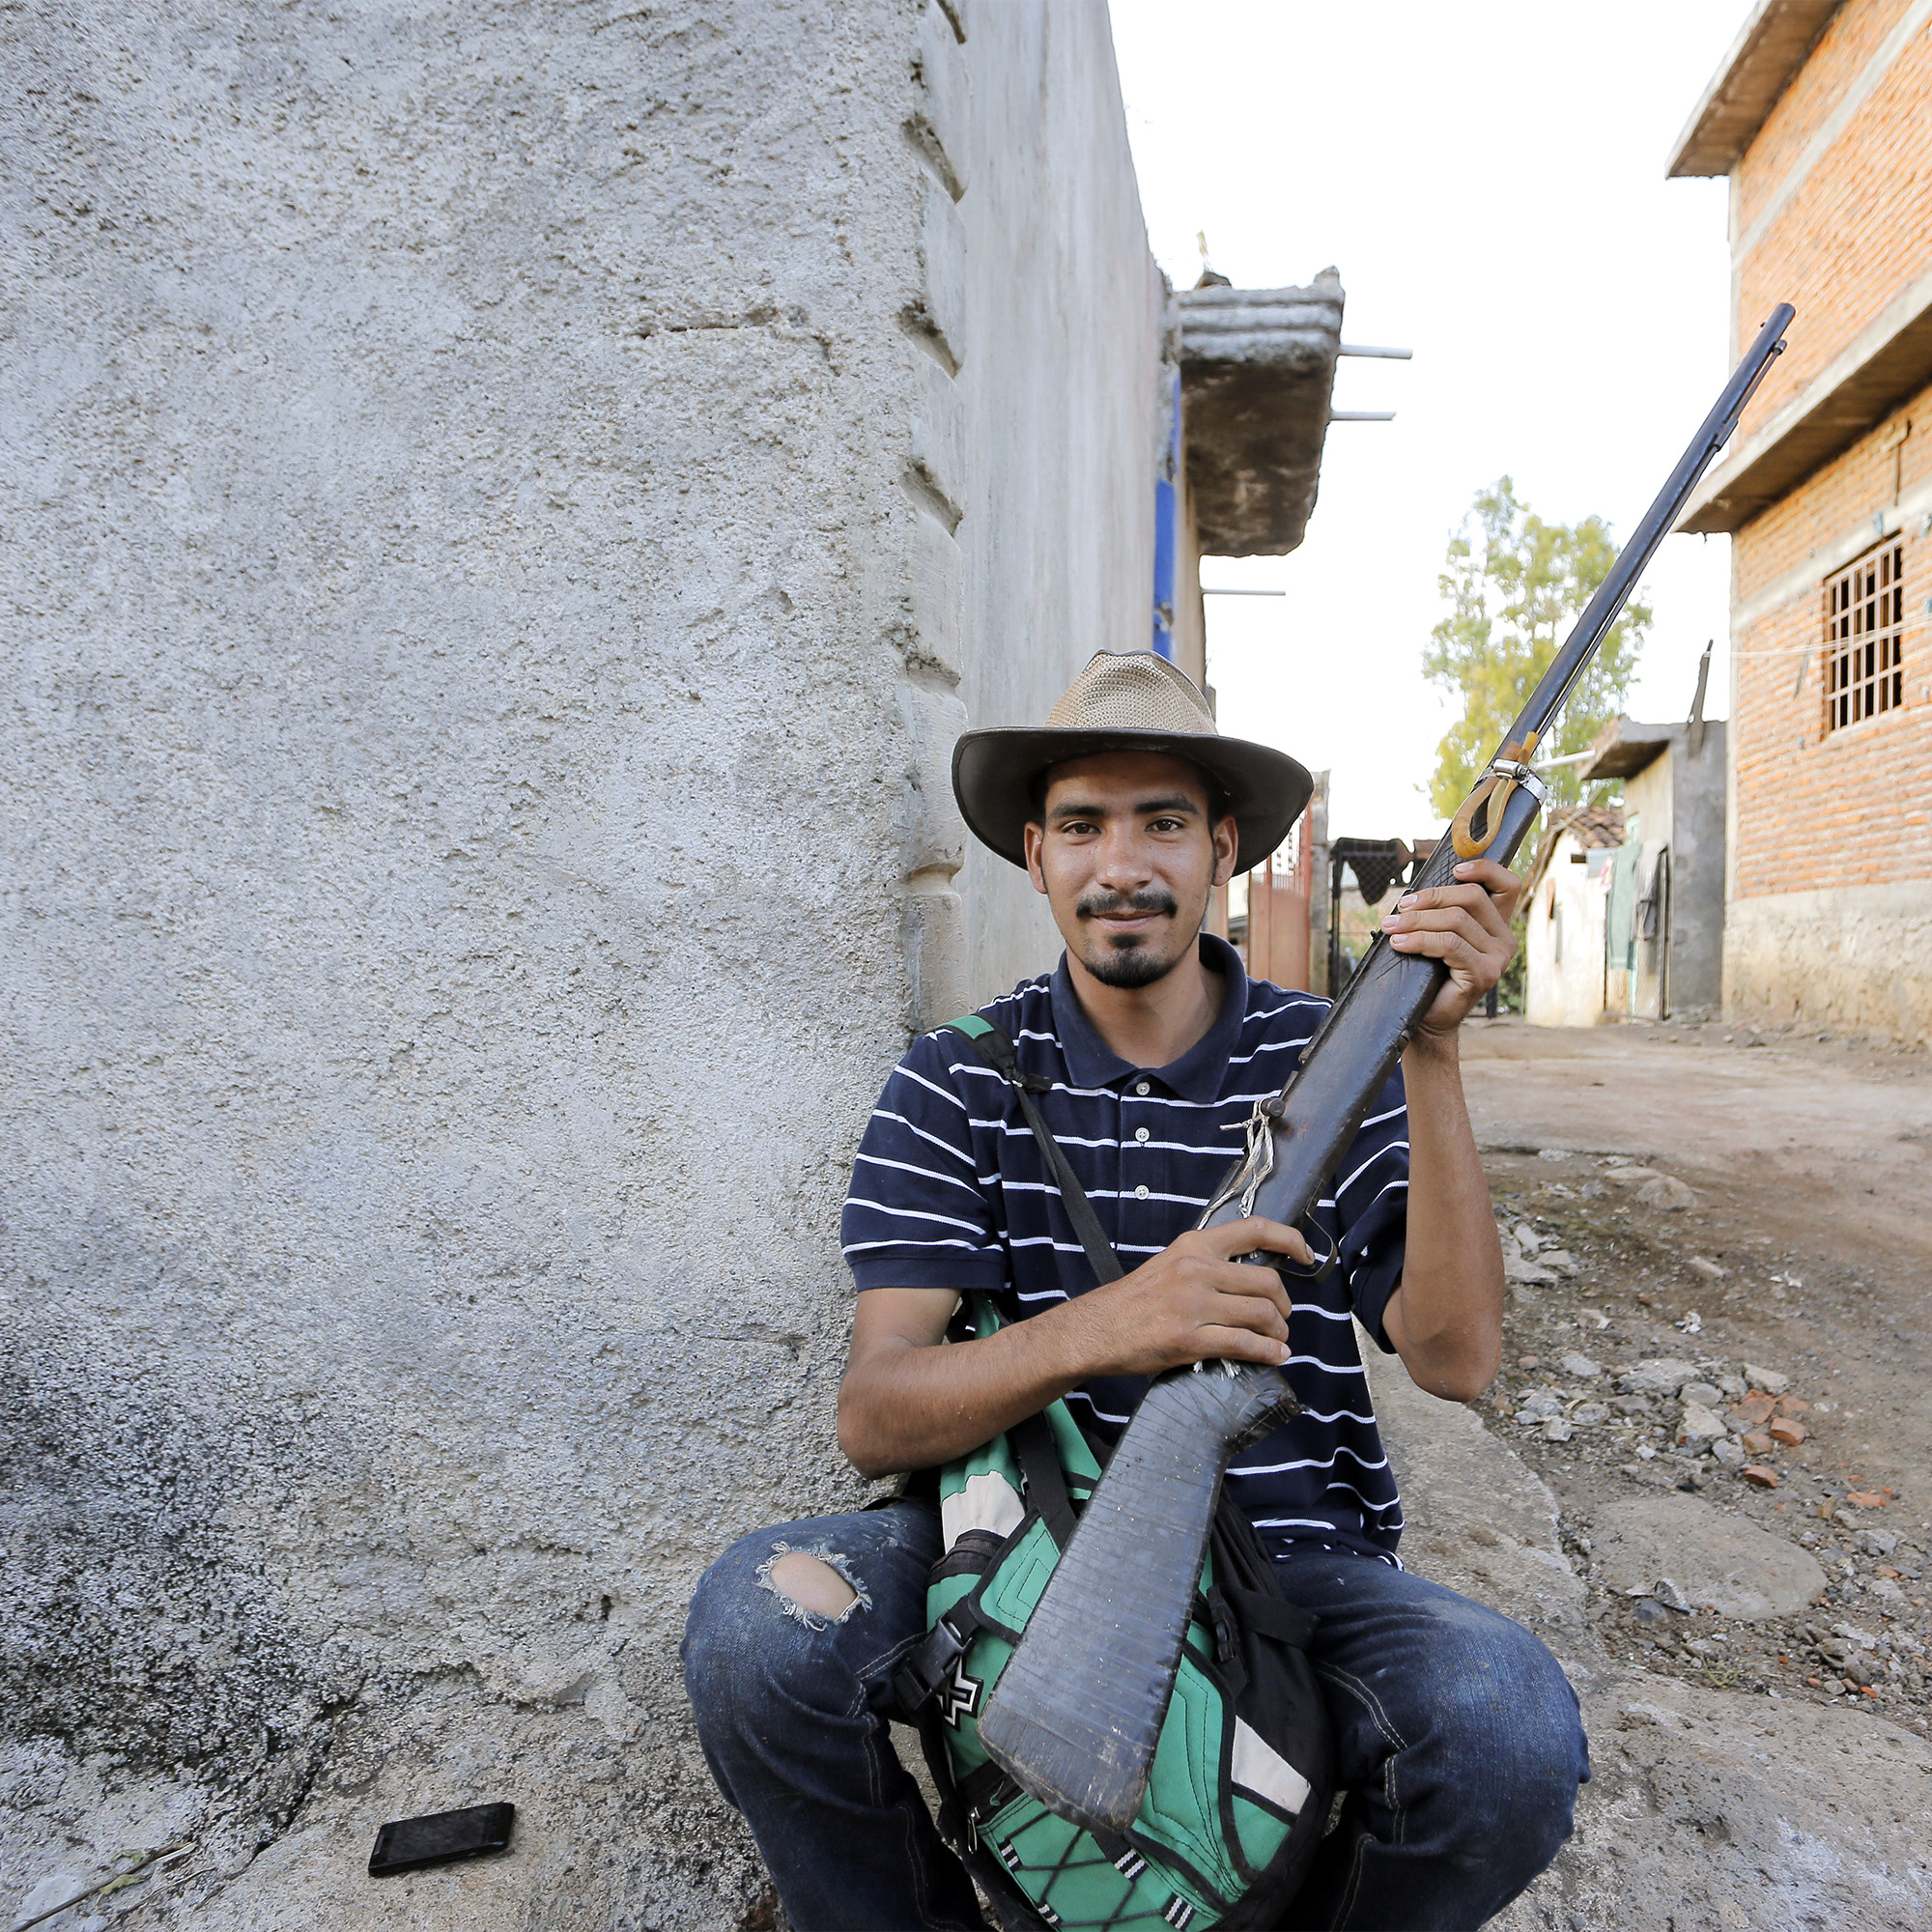 las estacas gun with boy.jpg